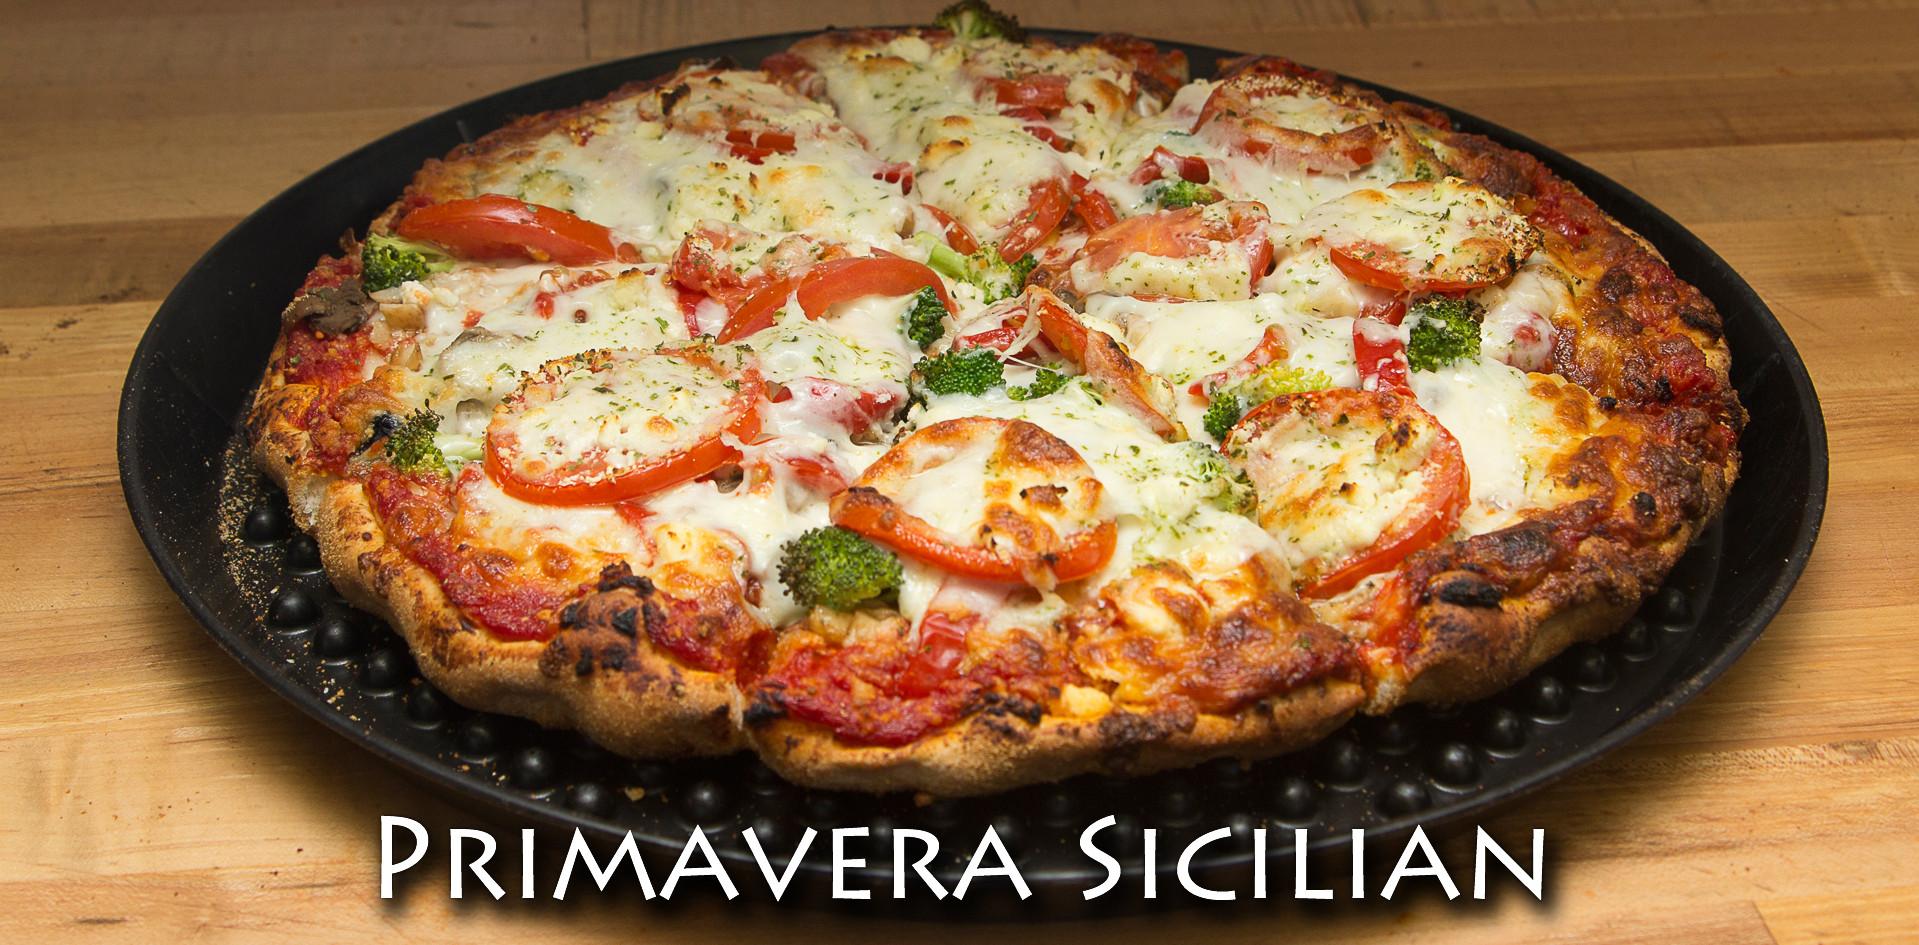 Primavera Sicilian Pizza